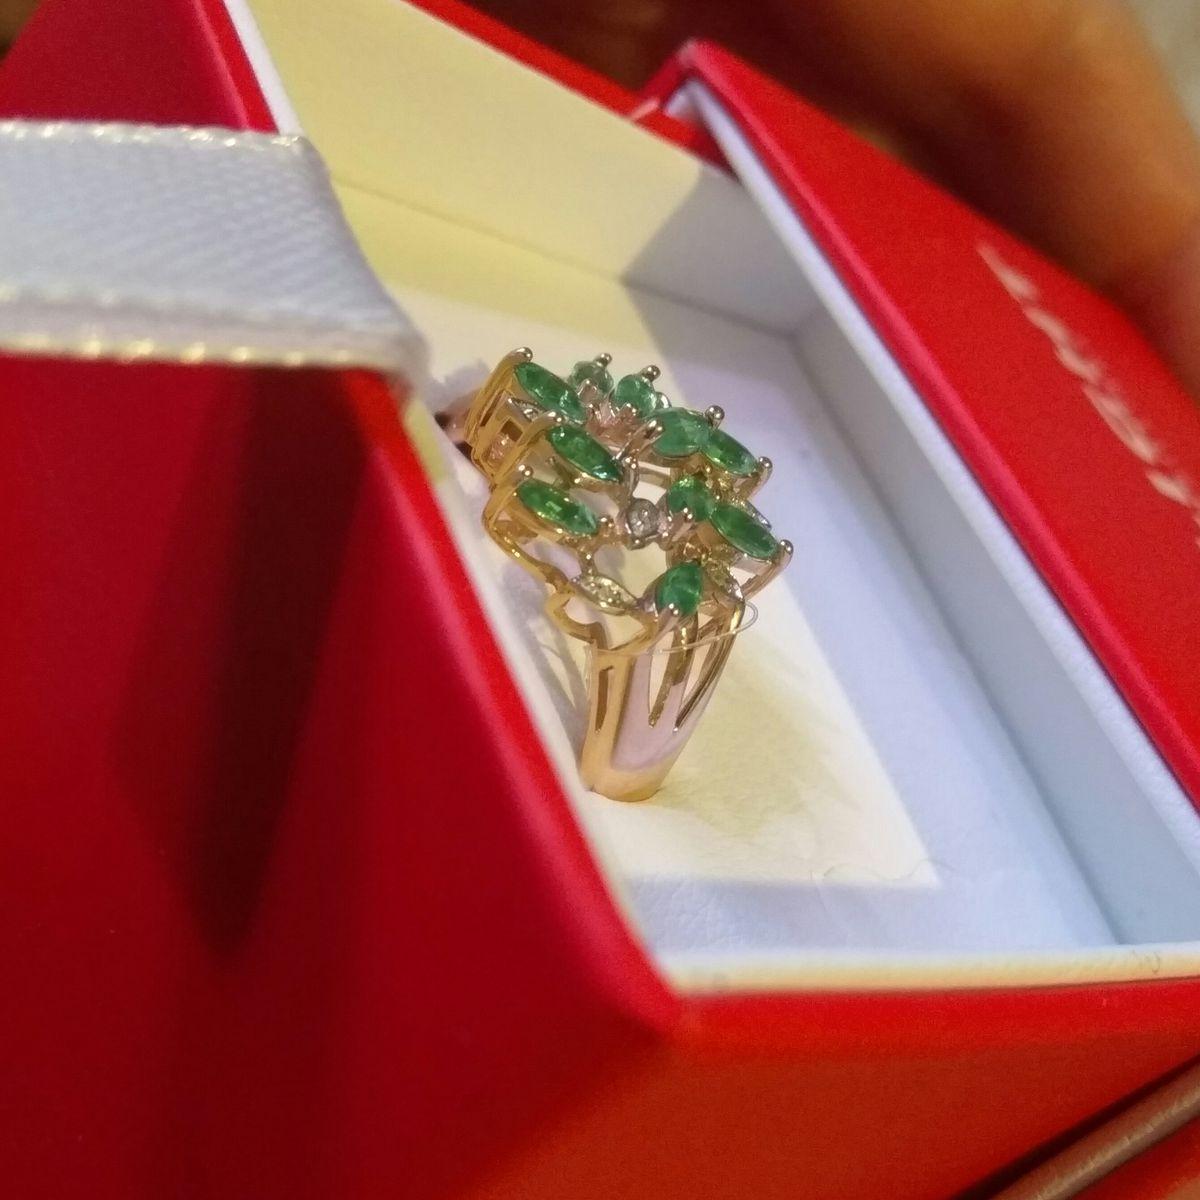 Отличное крупное кольцо с натуральными изумрудами, смотрится дорого 👍